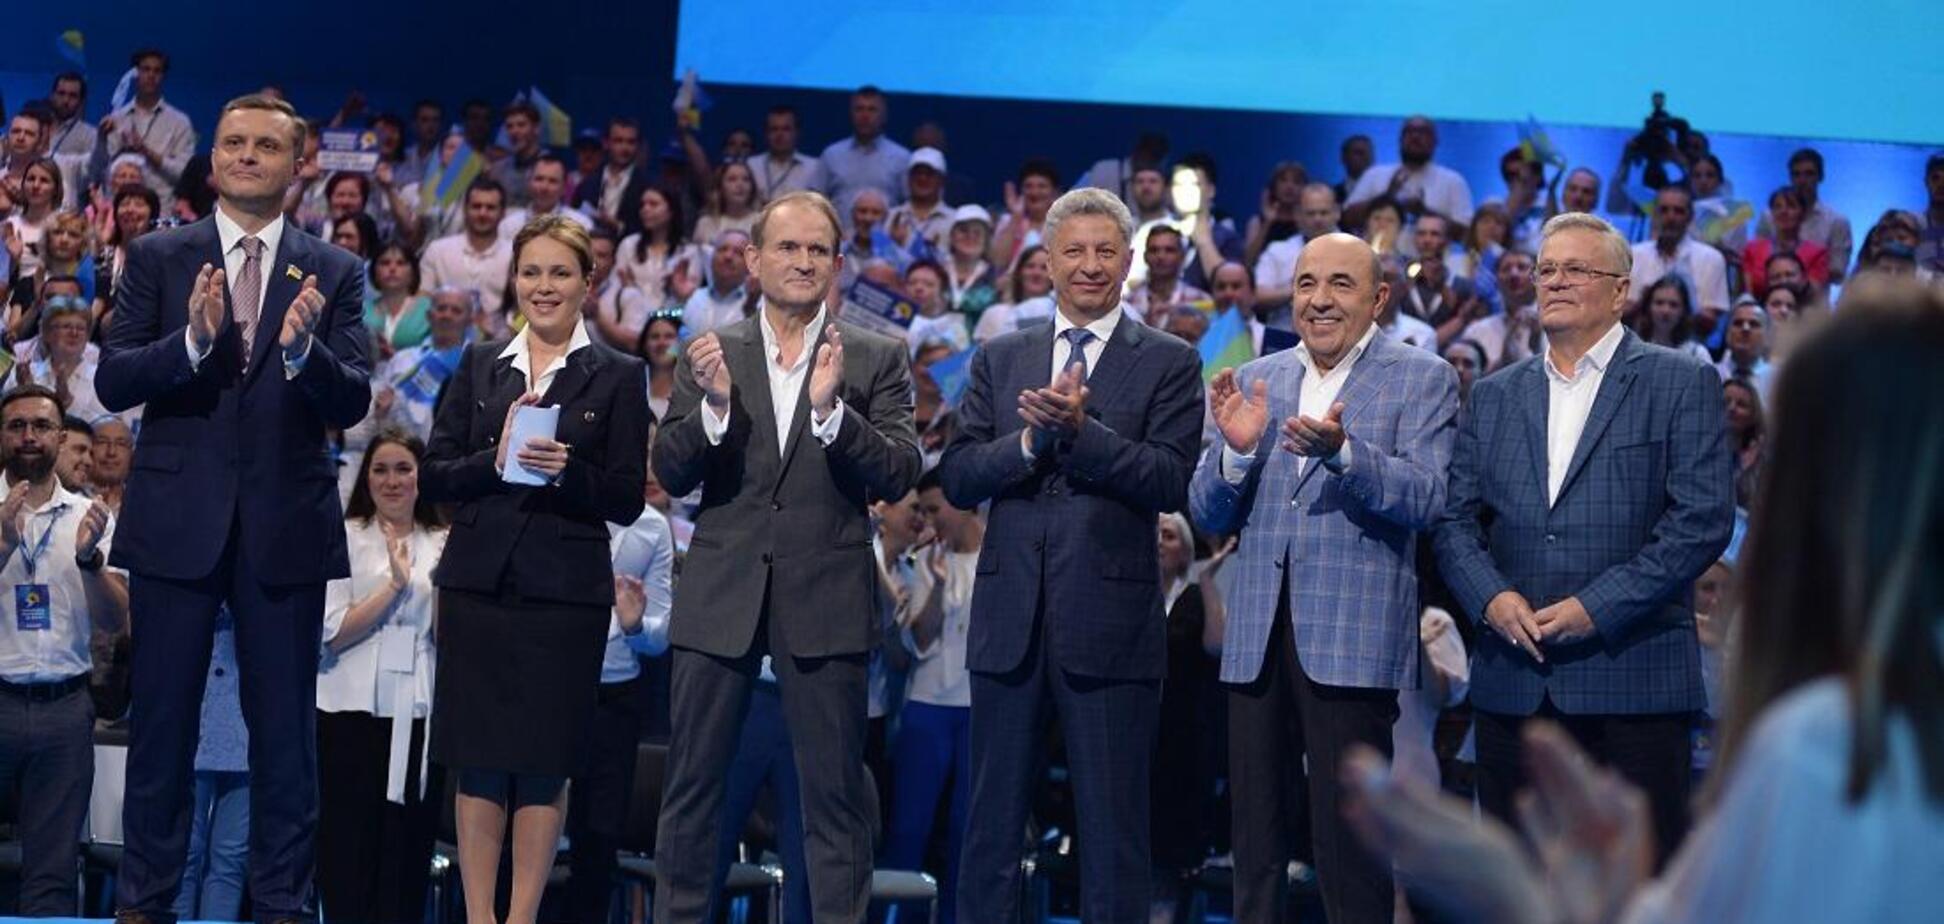 'ОПЗЖ' обвинила 'слуг' в срыве регистрации кандидатов в депутаты на Николаевщине